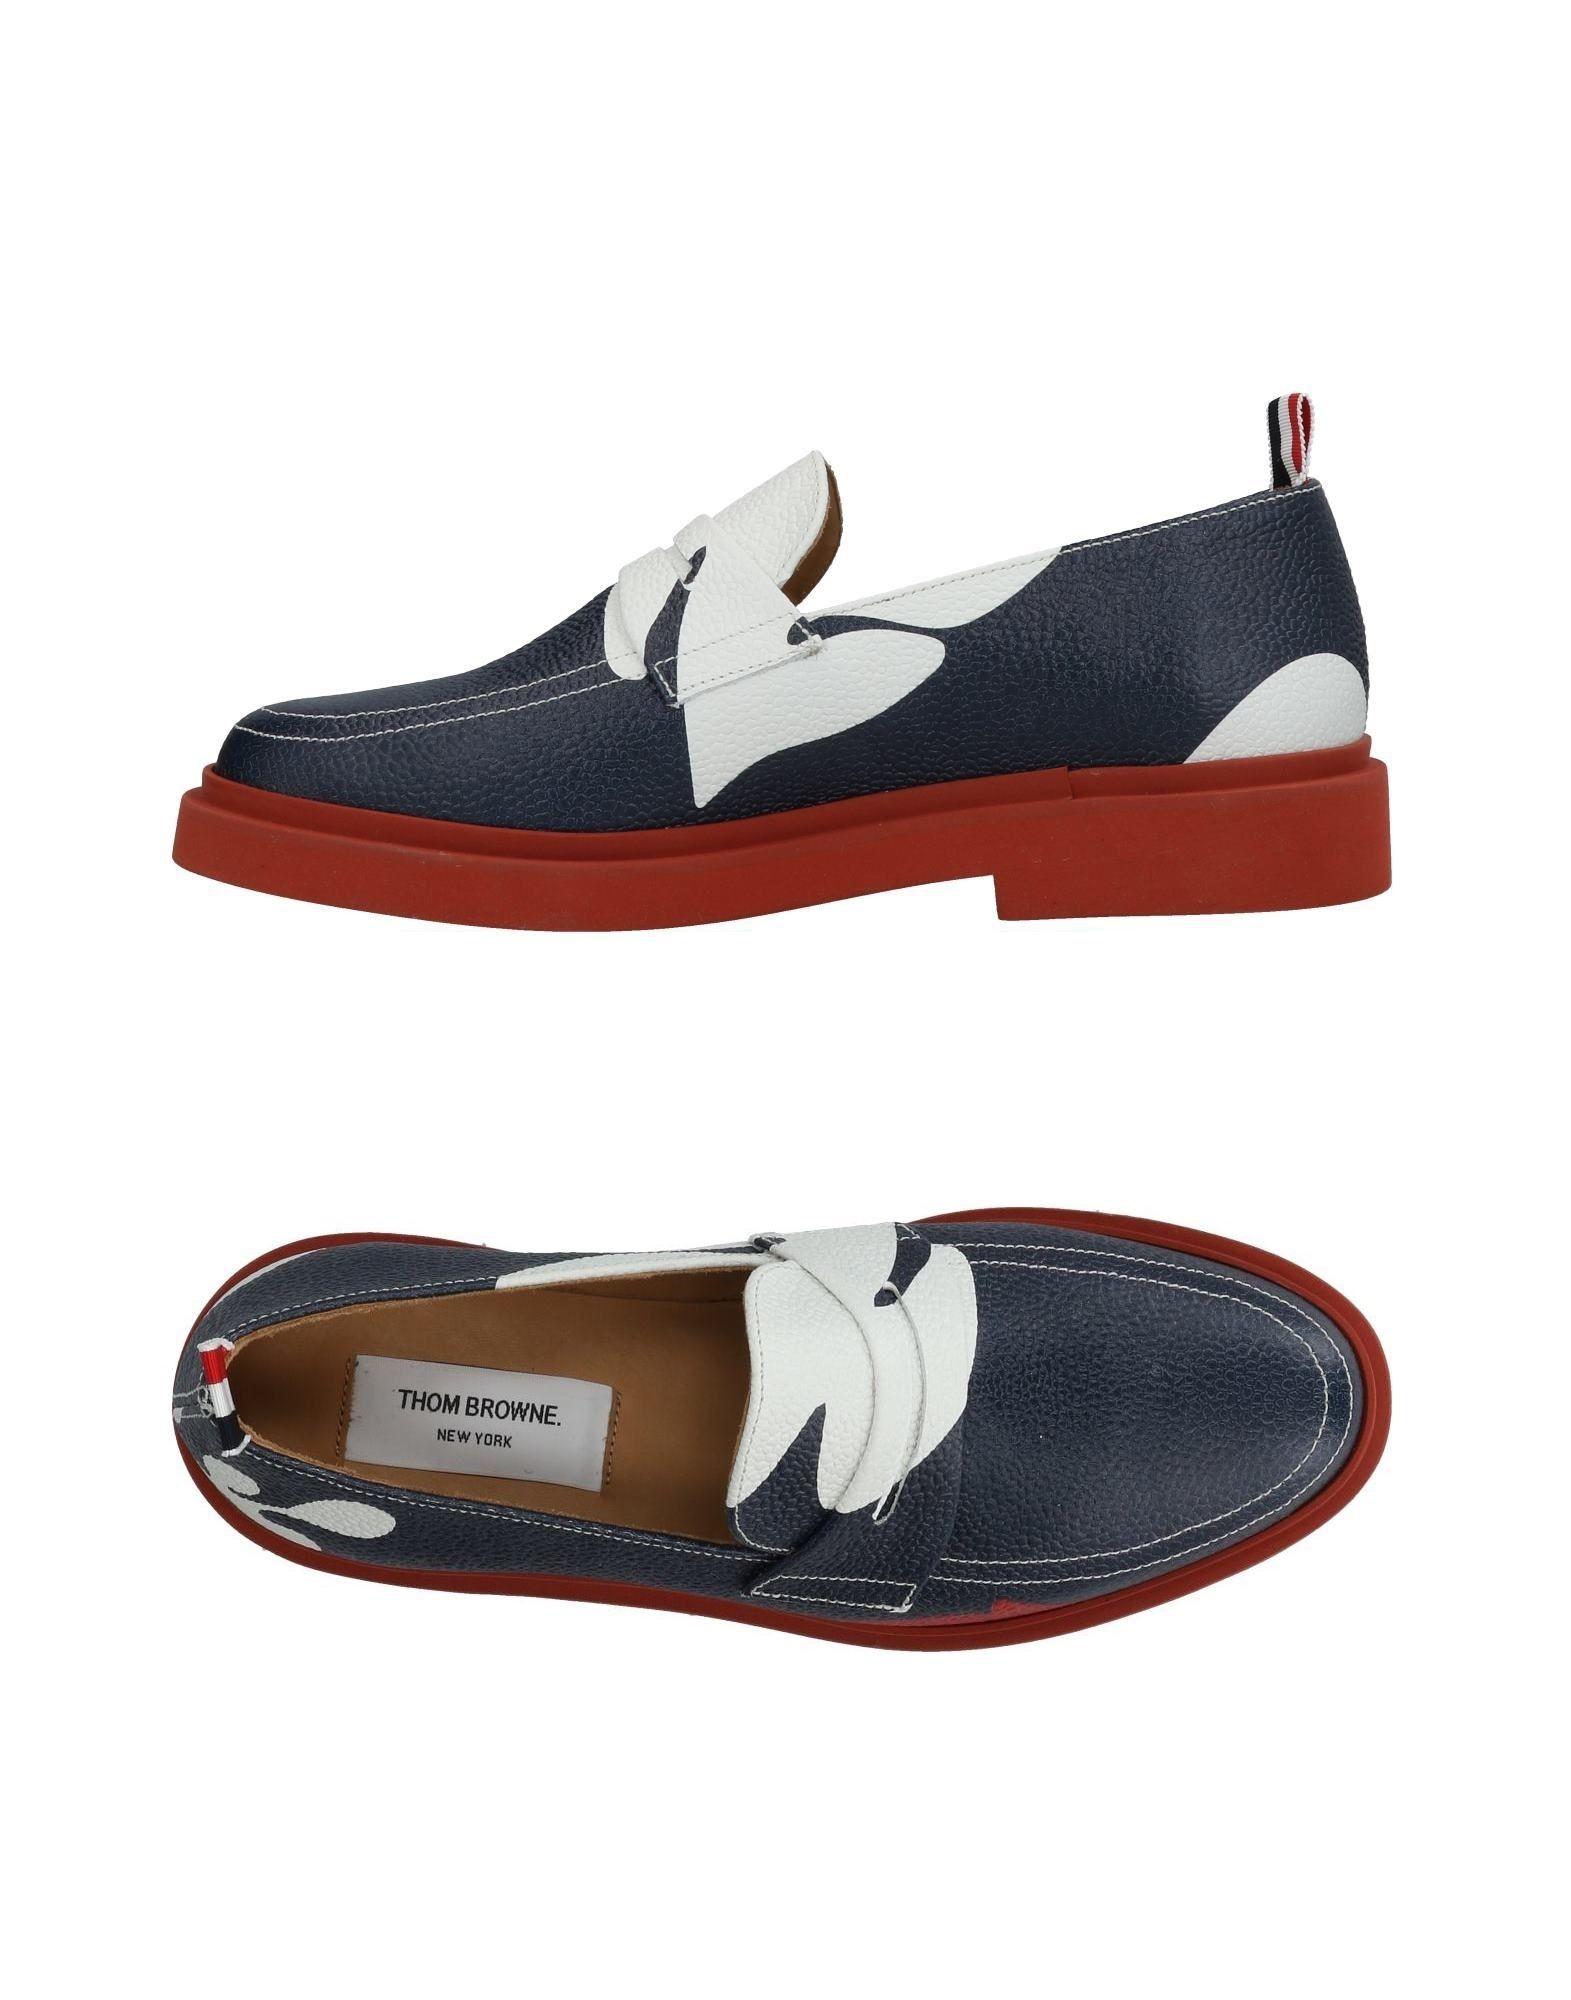 Thom Browne Mokassins Herren  11425473KG Gute Qualität beliebte Schuhe